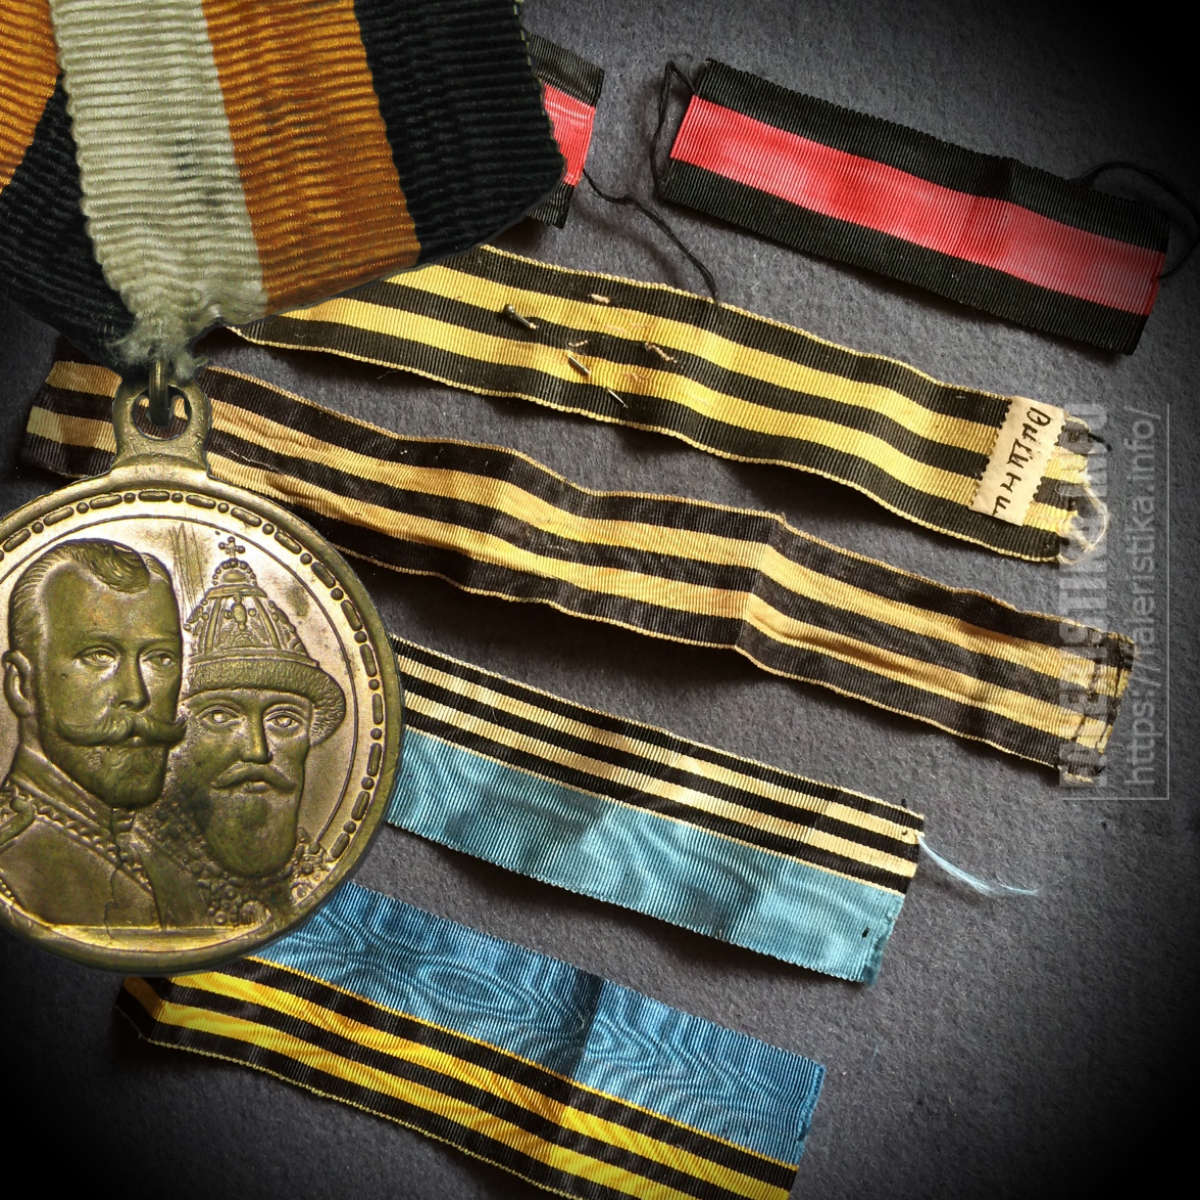 Ленты царских медалей и крестов. Лента флага Российской Империи, Георгиевские ленты, лента ордена Святого Владимира, Андреевско-георгиевская лента